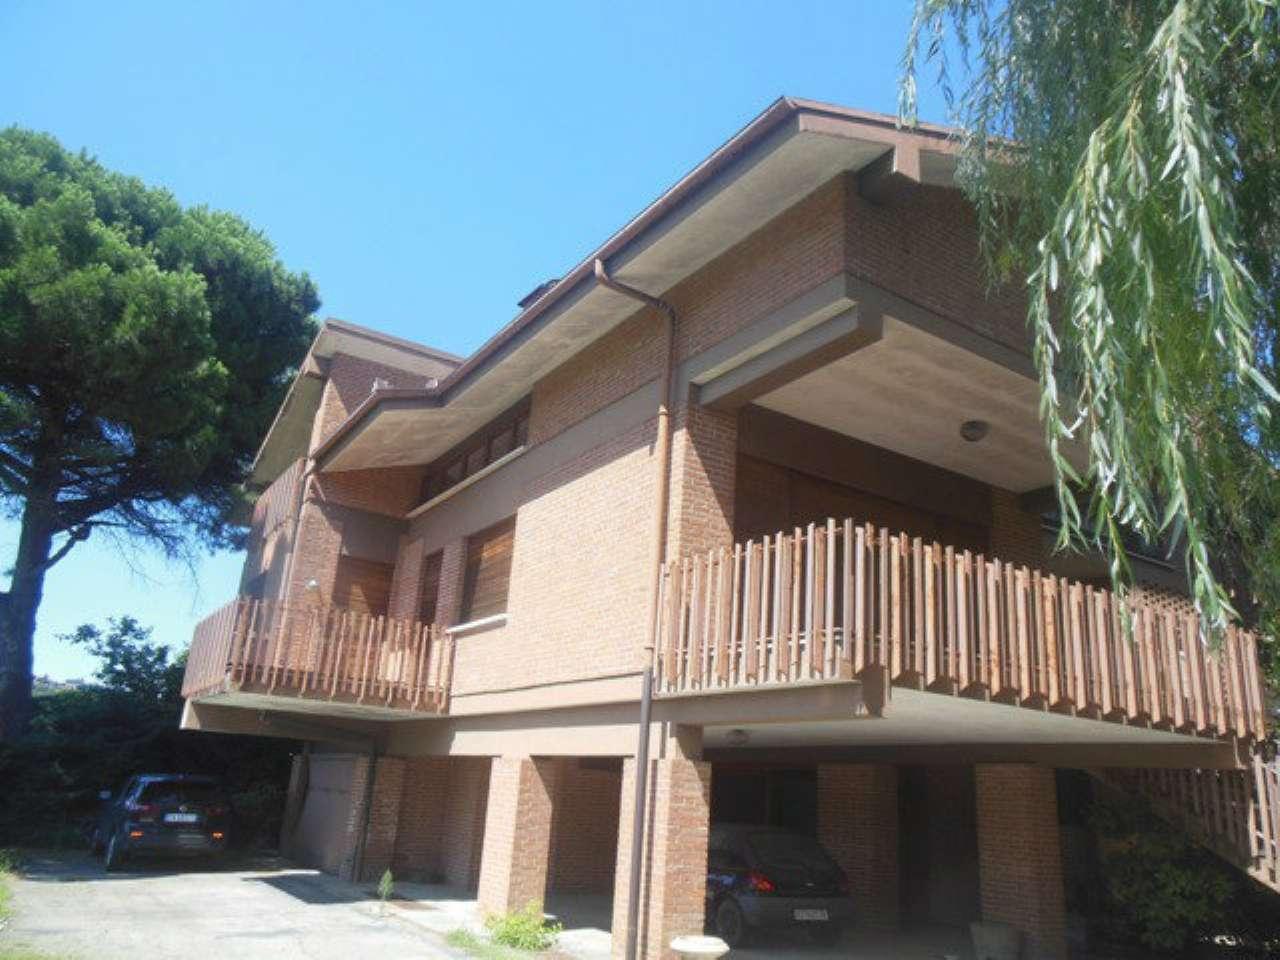 Villa in vendita a Canelli, 9 locali, prezzo € 310.000 | CambioCasa.it